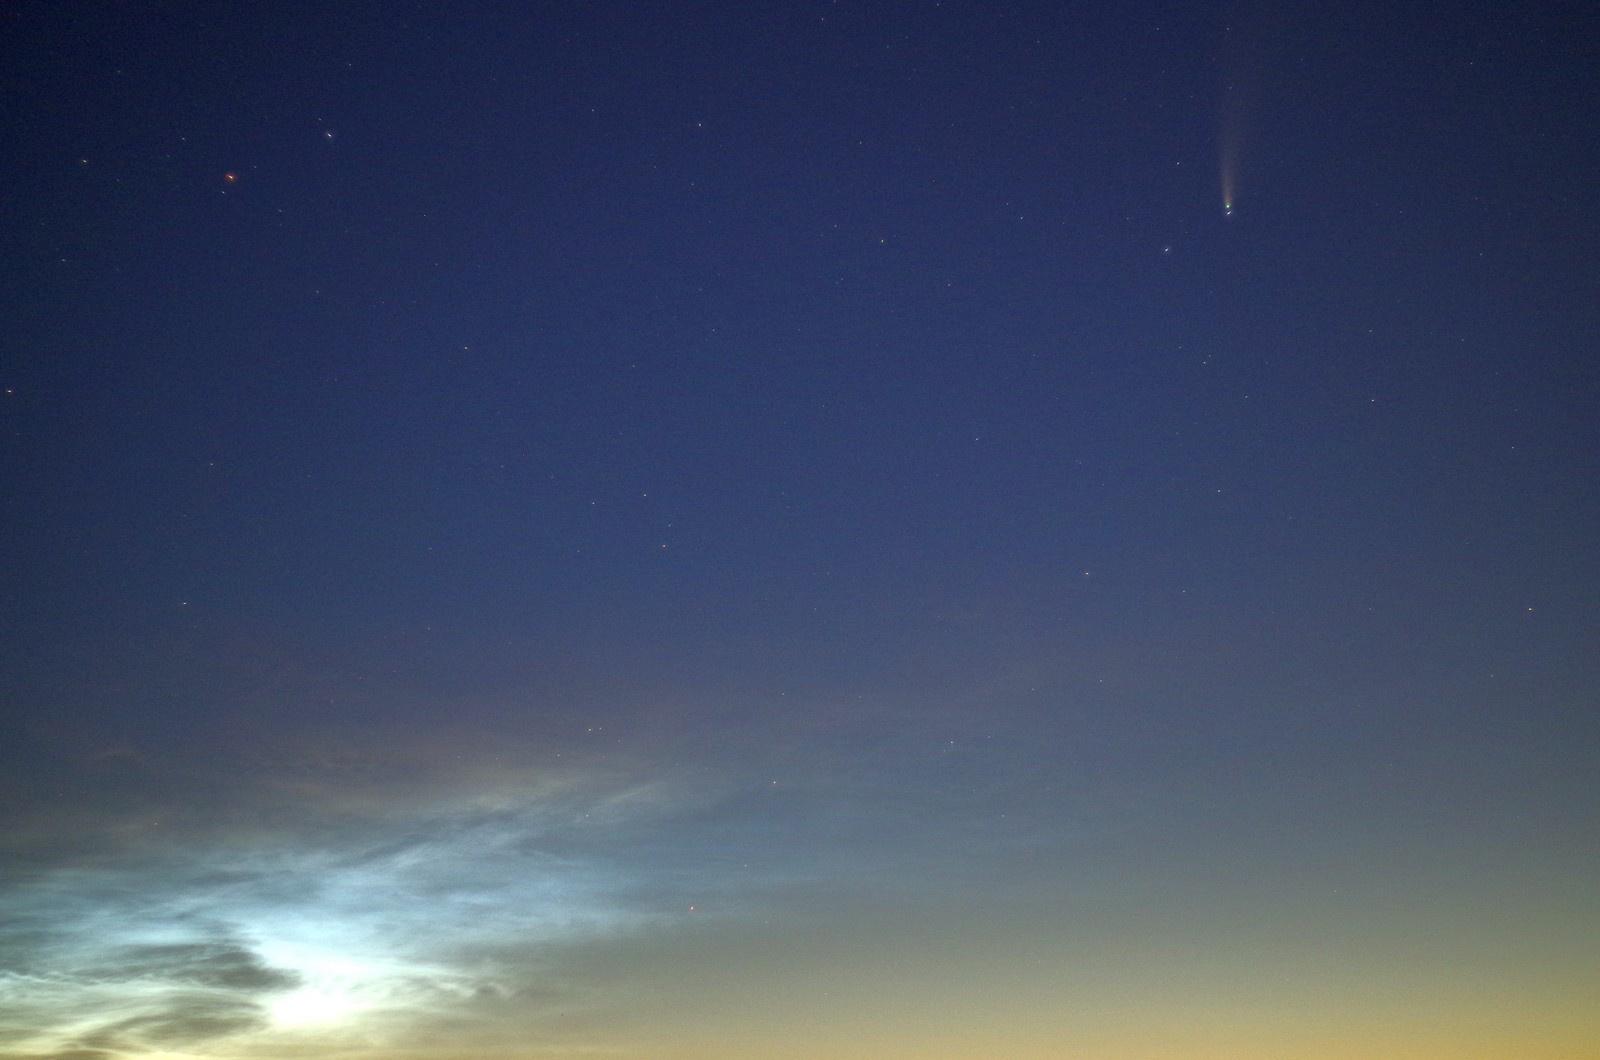 obłoki sprebrzyste i kometa08.jpg